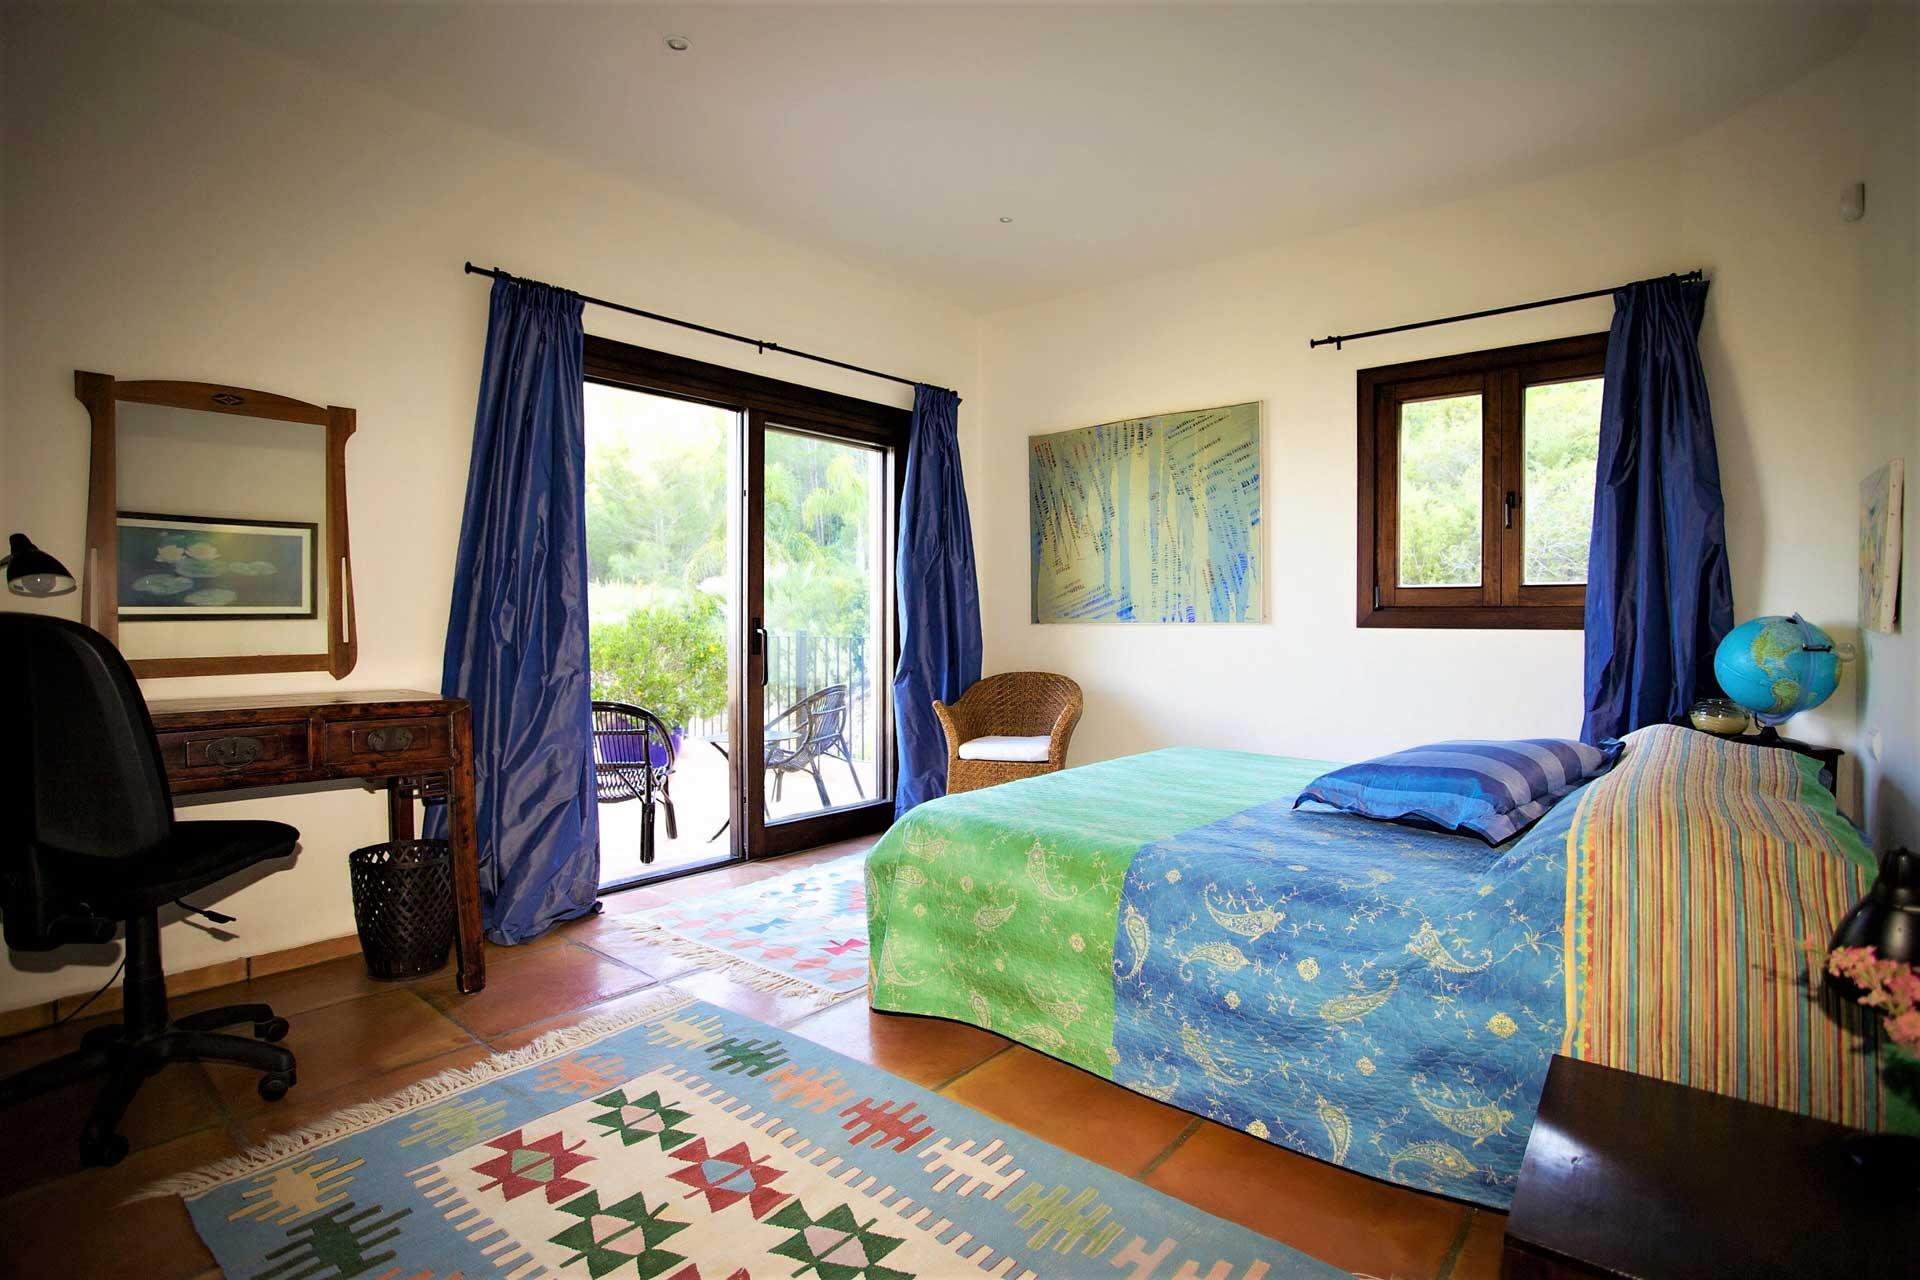 Villa K IBIZA - Schlafzimmer OG re mit Balkon zum Garten